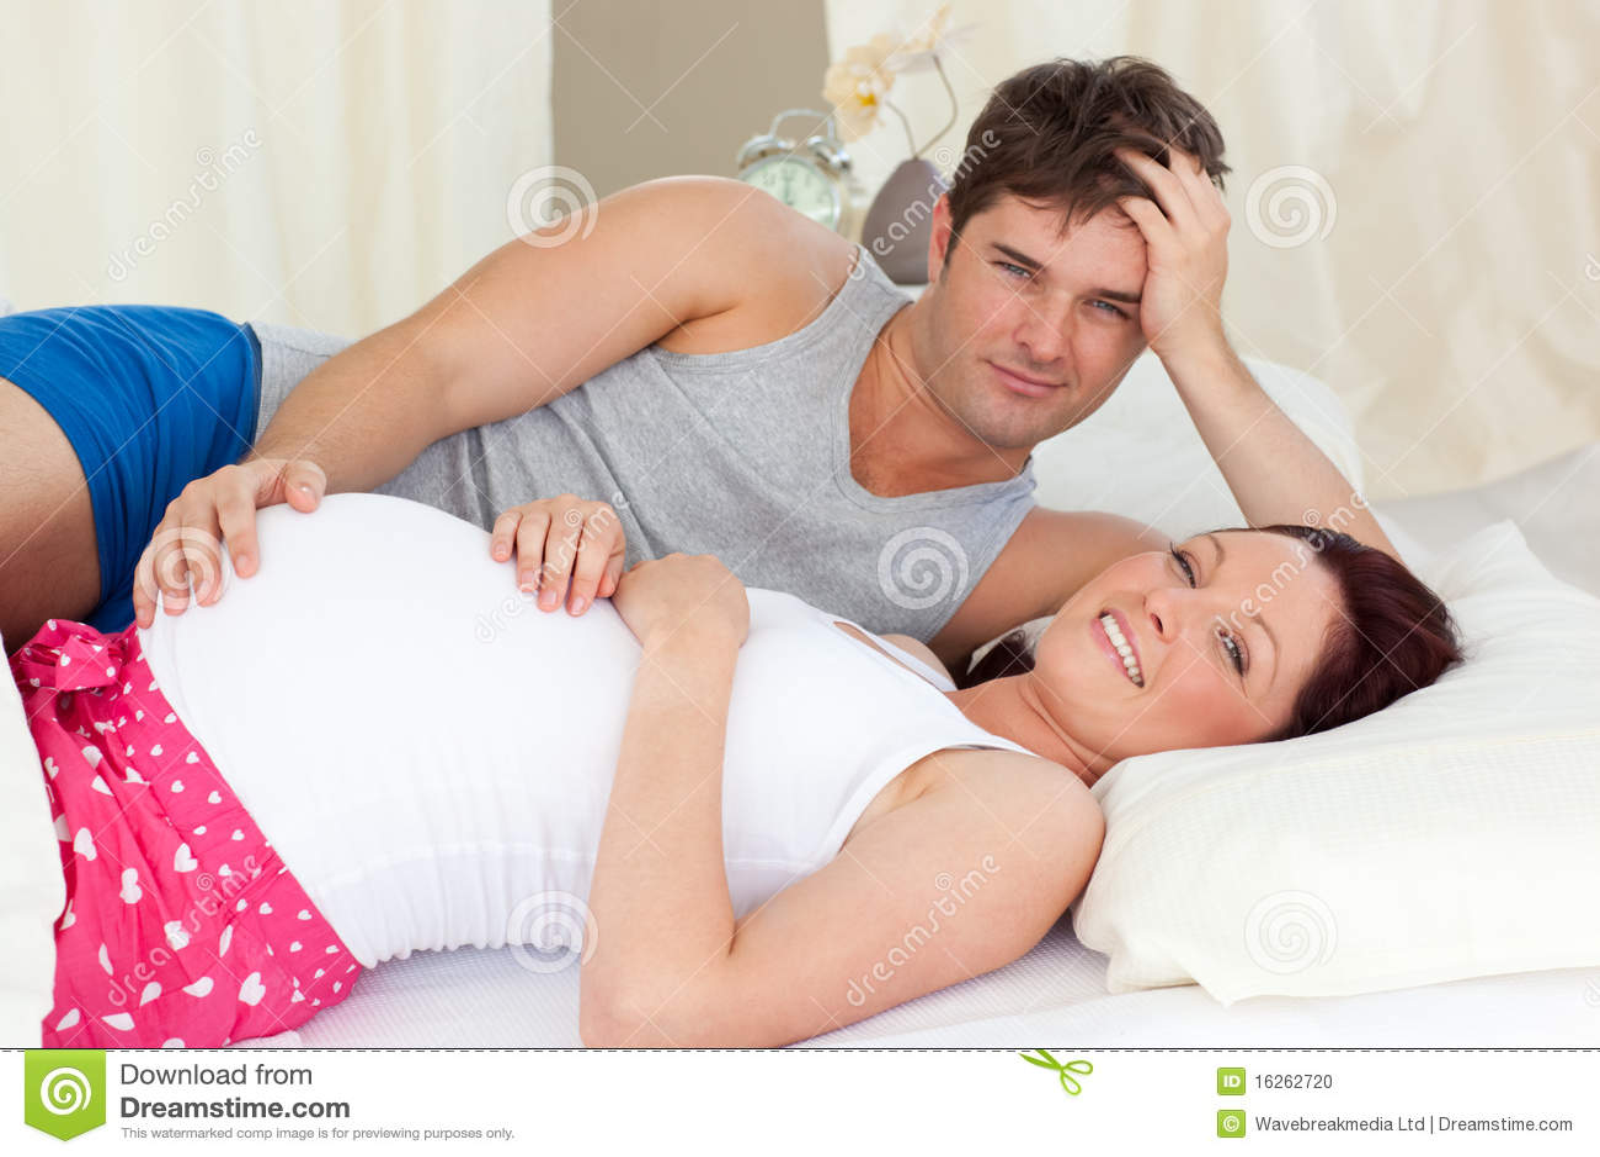 Полезен секс беременным